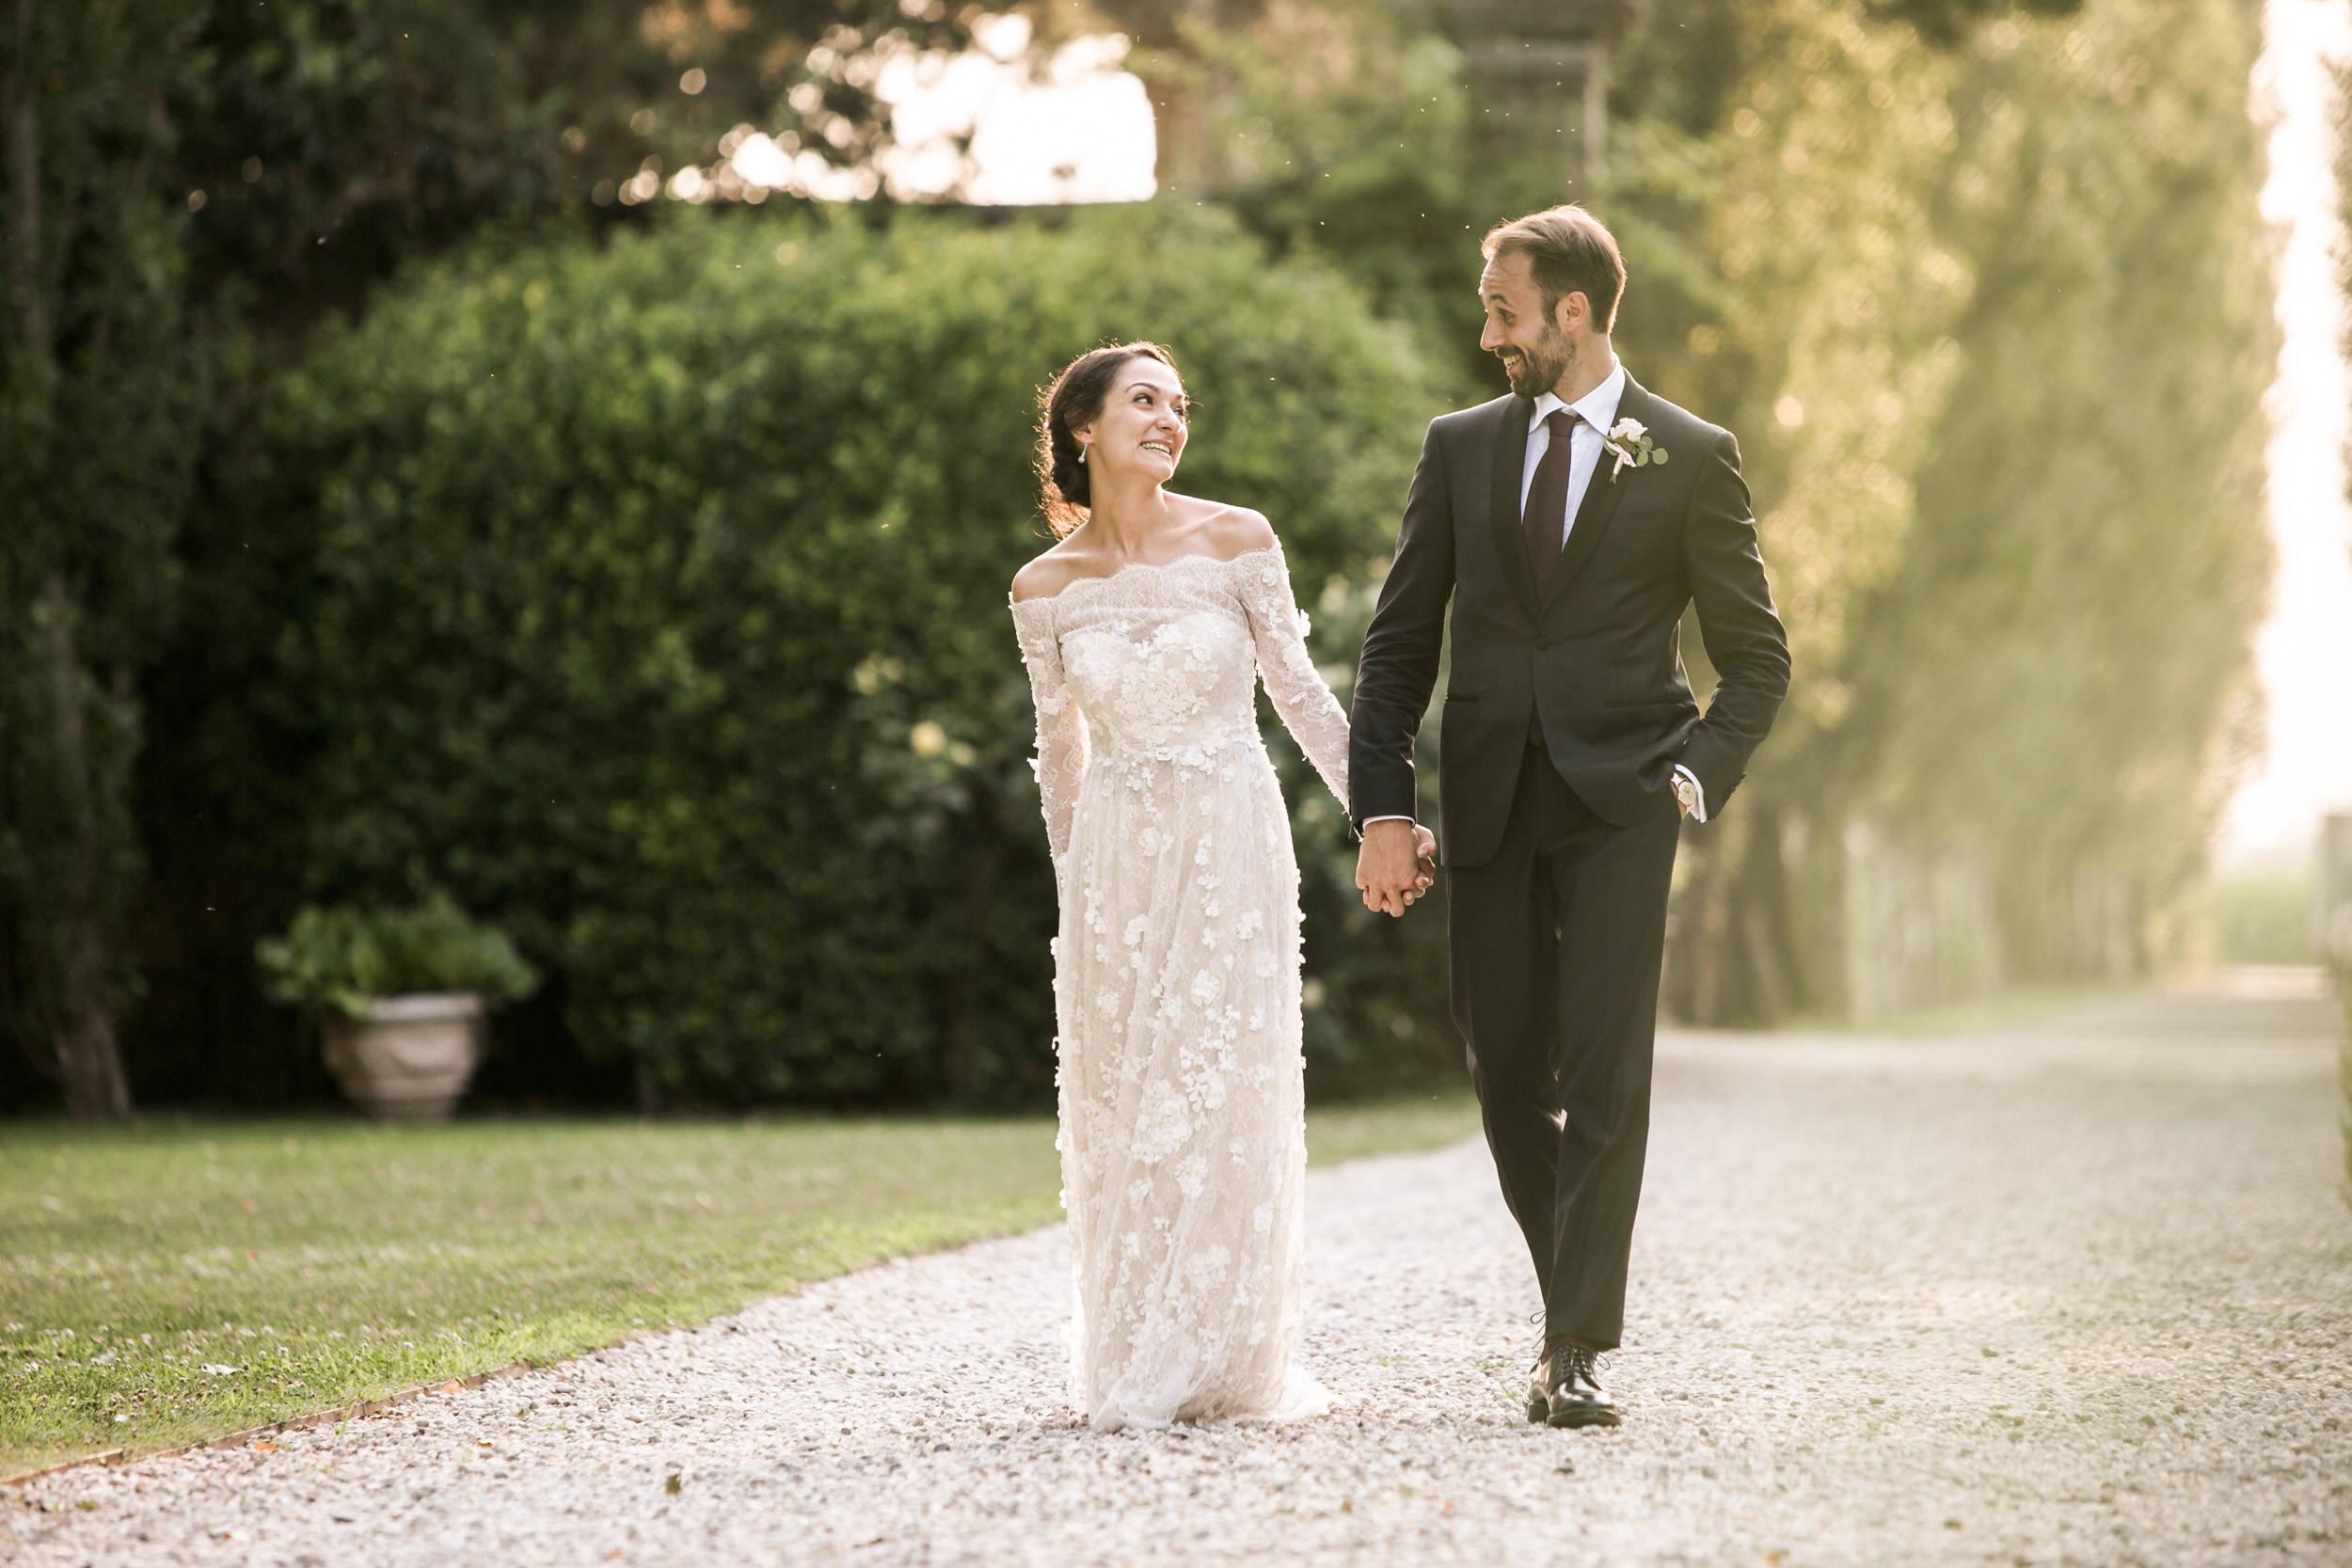 matrimonio_convento_annunciata_BA-070